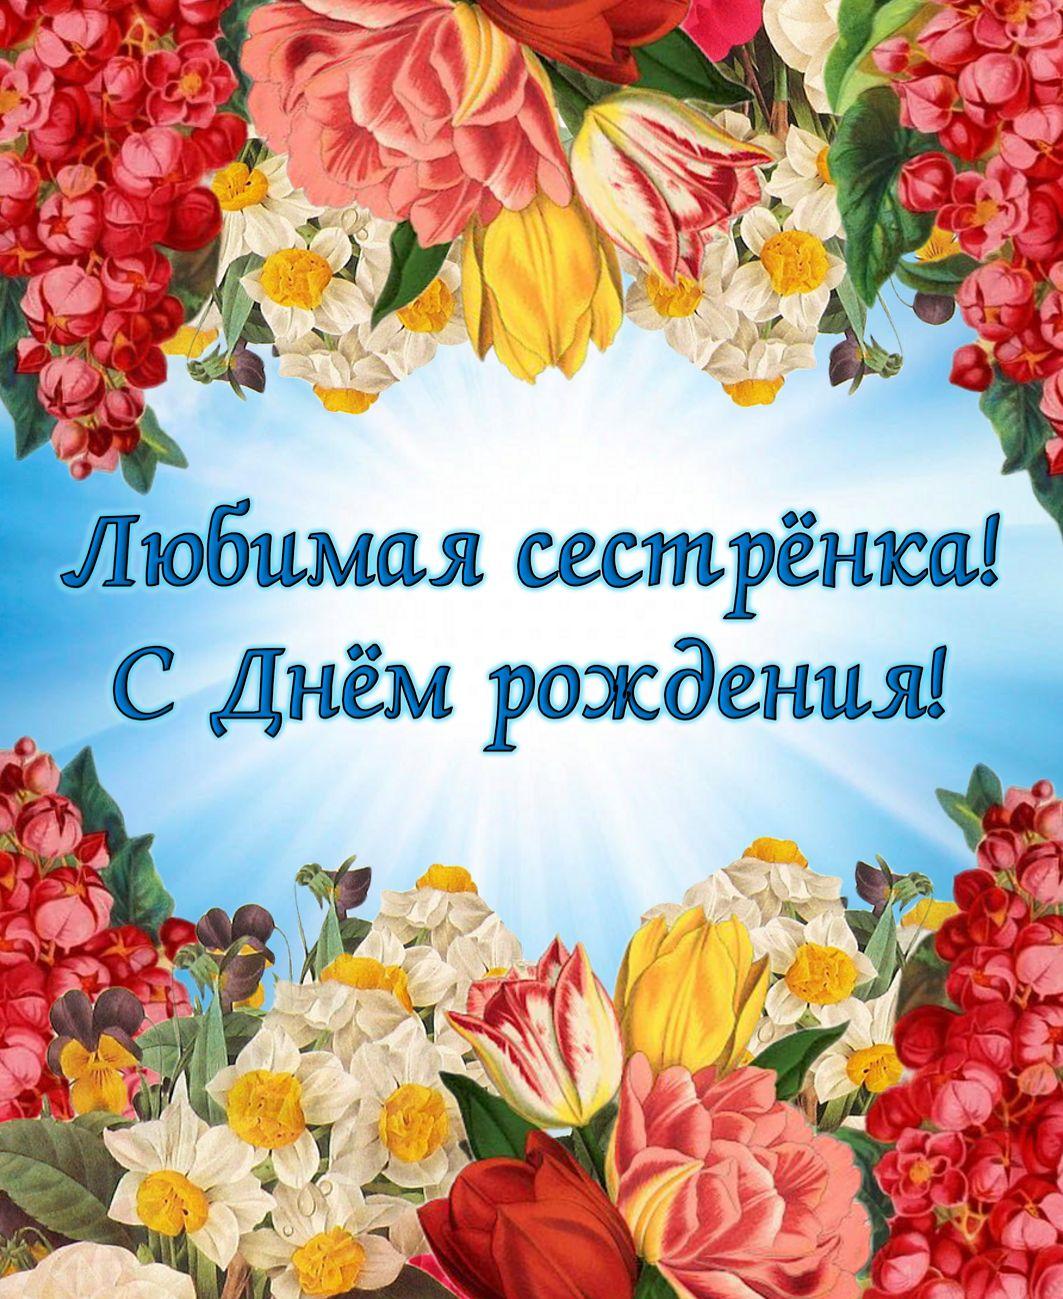 Цветы на оформление поздравление фото 355